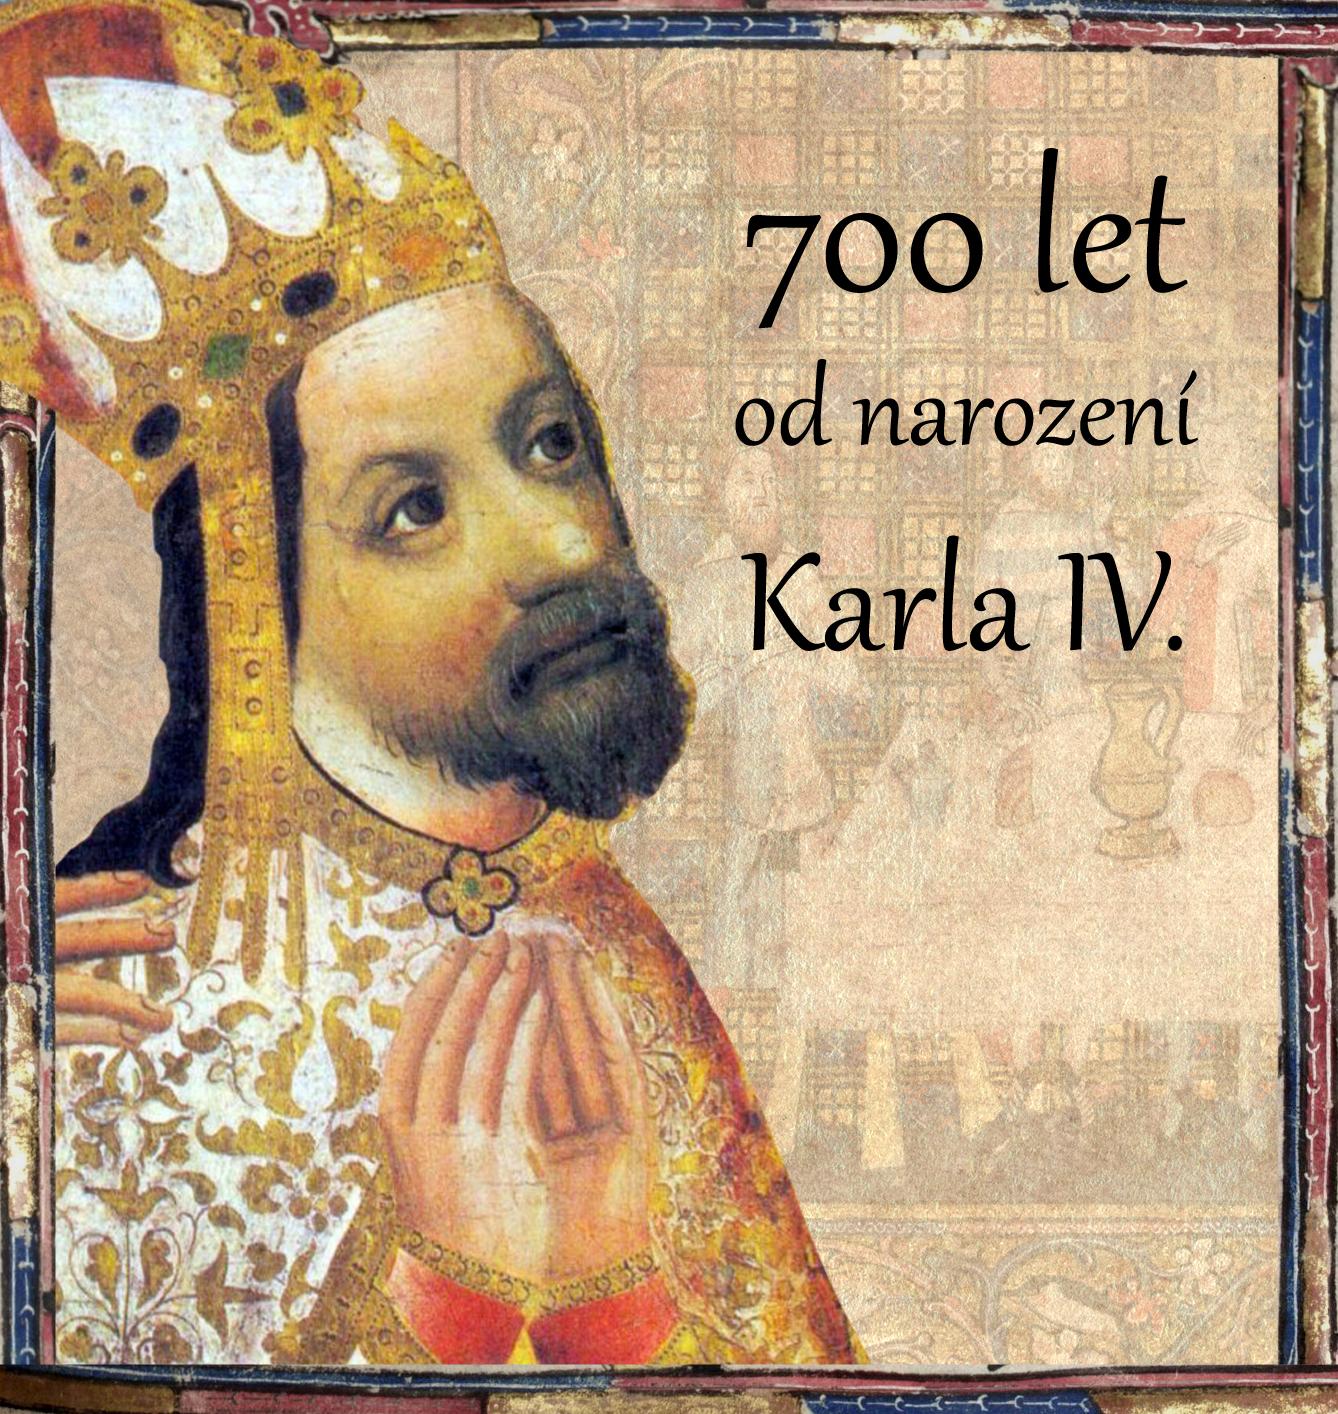 Adventní ples k výročí 700 let od narození Karla IV. – 17. prosince 2016